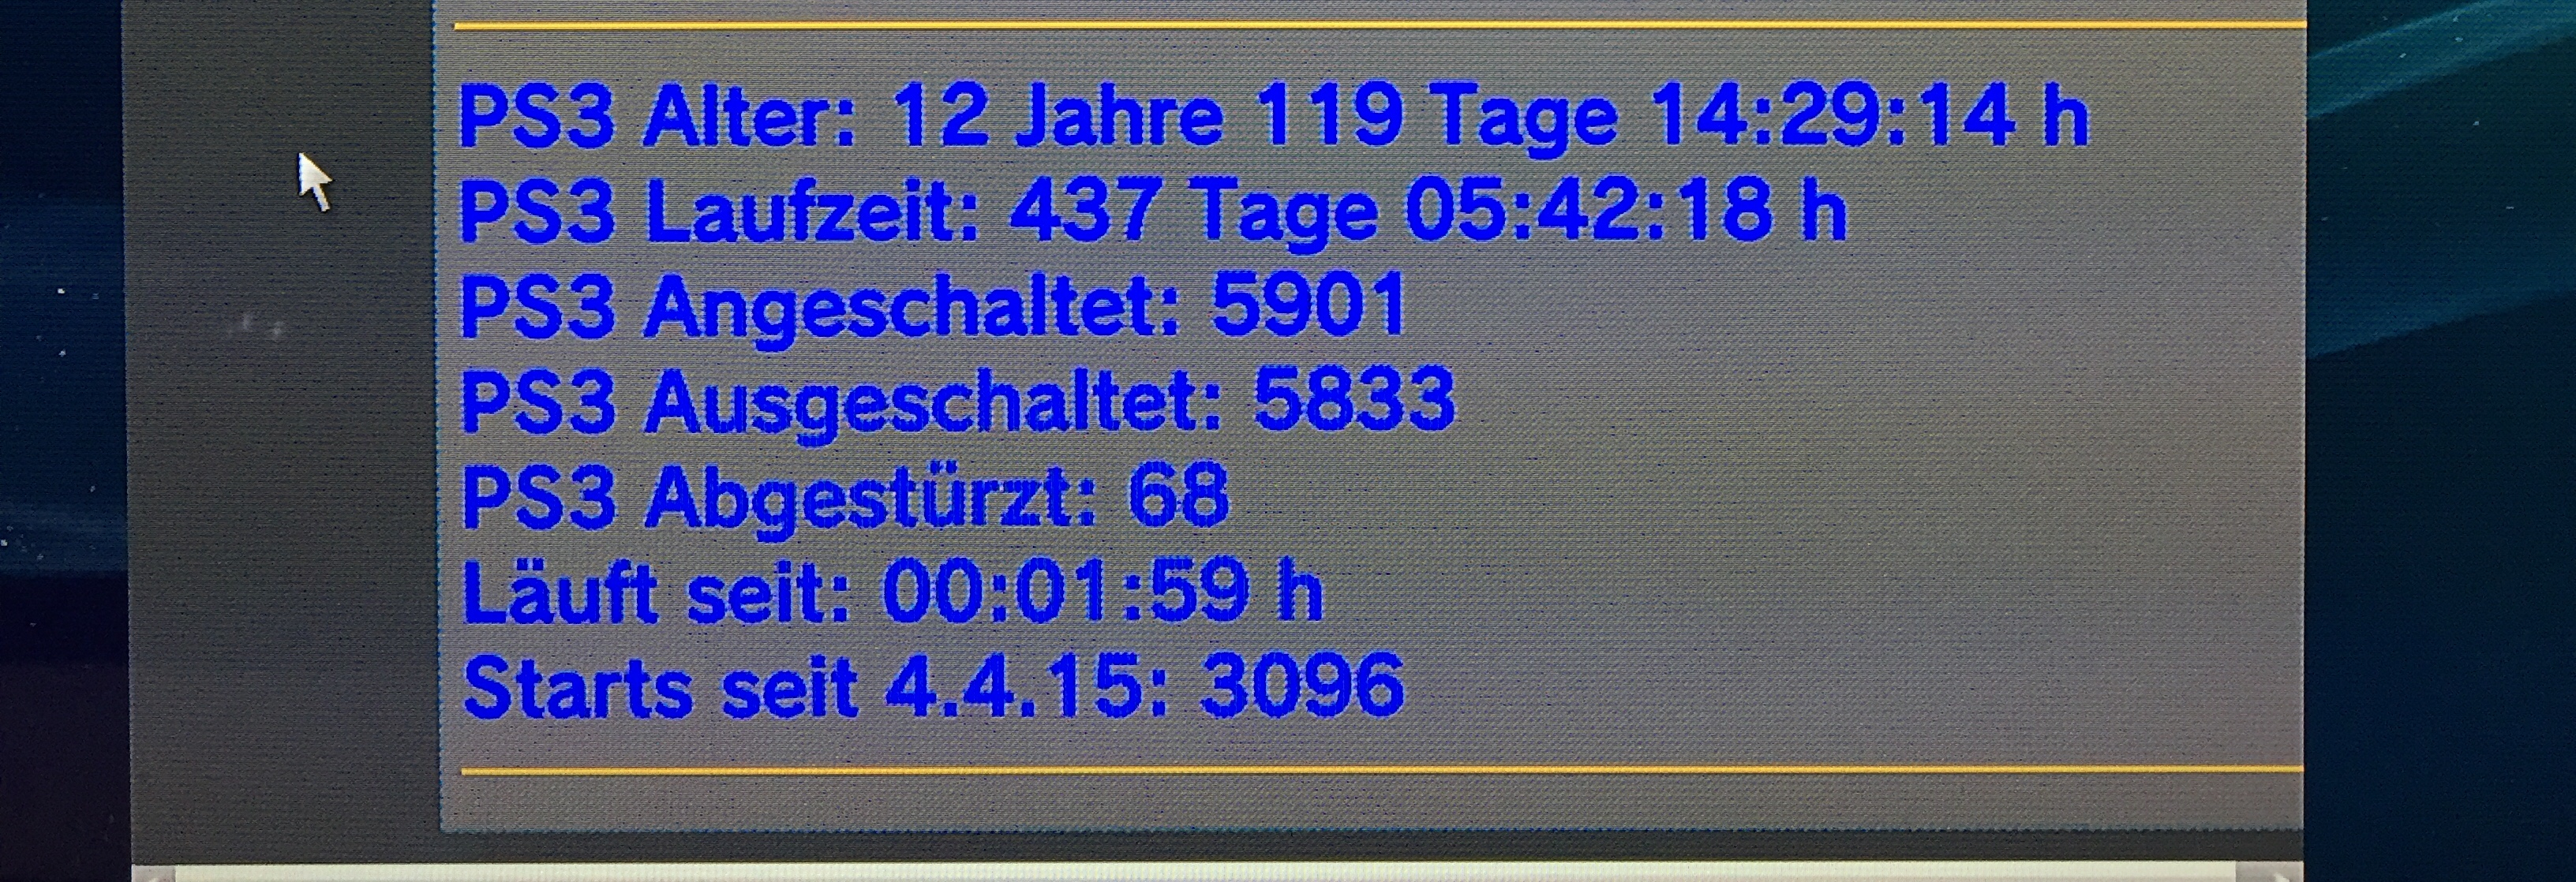 AF391B44-11F8-4E8C-944D-BD0AF805C2E9.jpeg